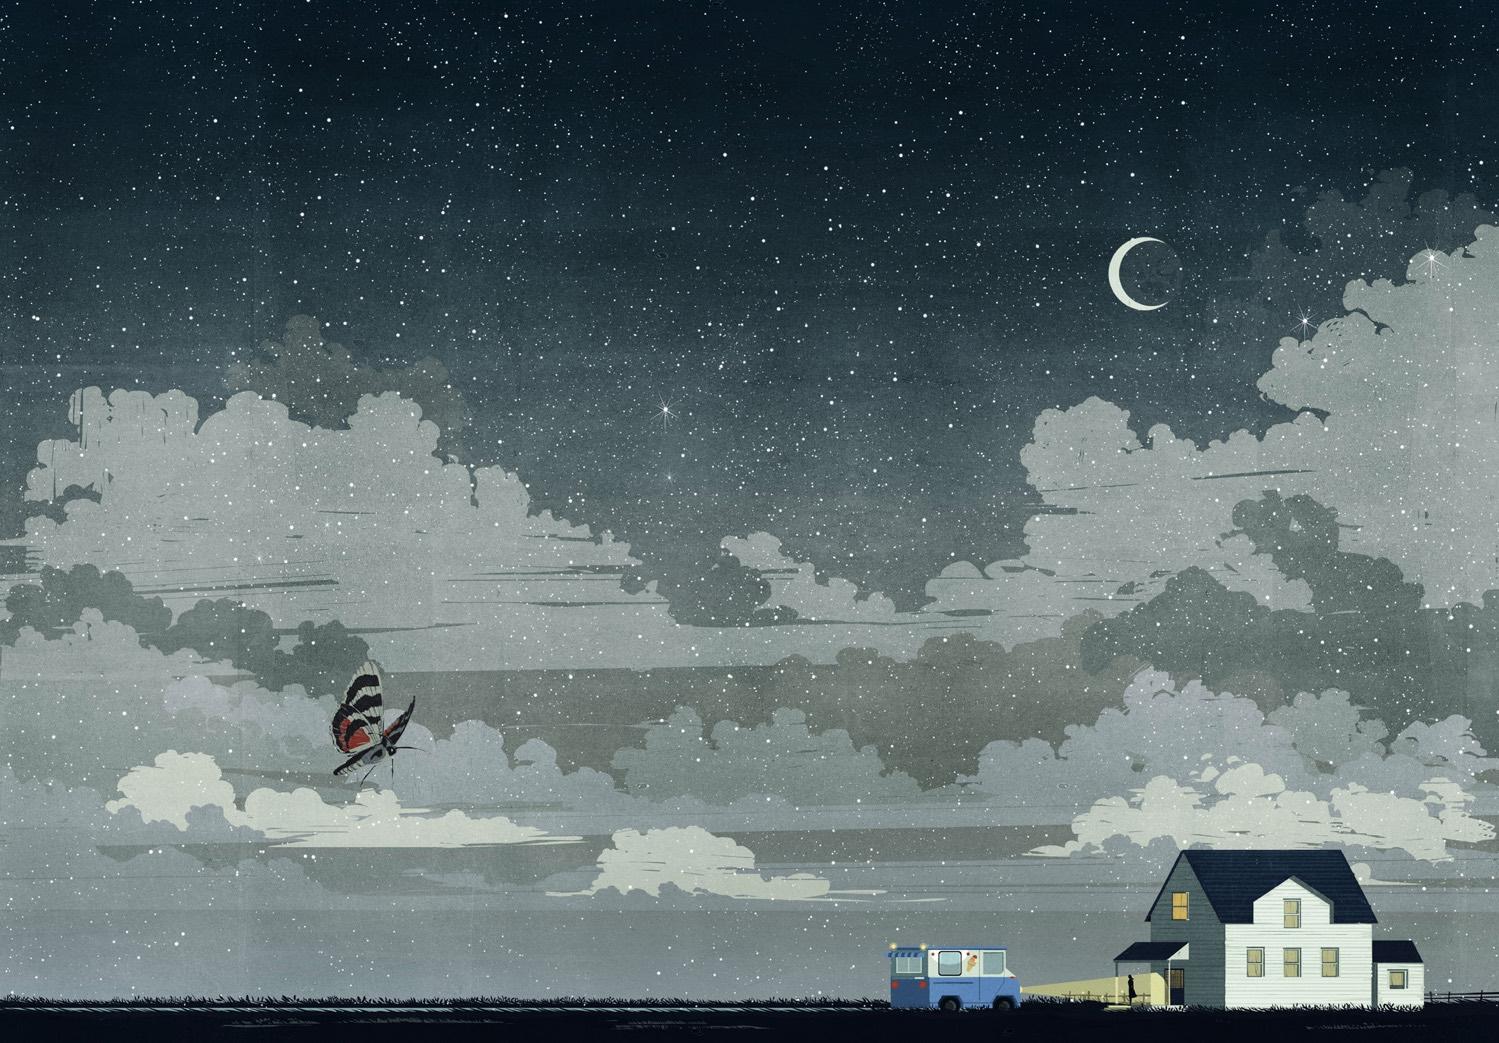 shout-illustration-Penguin - The girl who slept with God.jpg